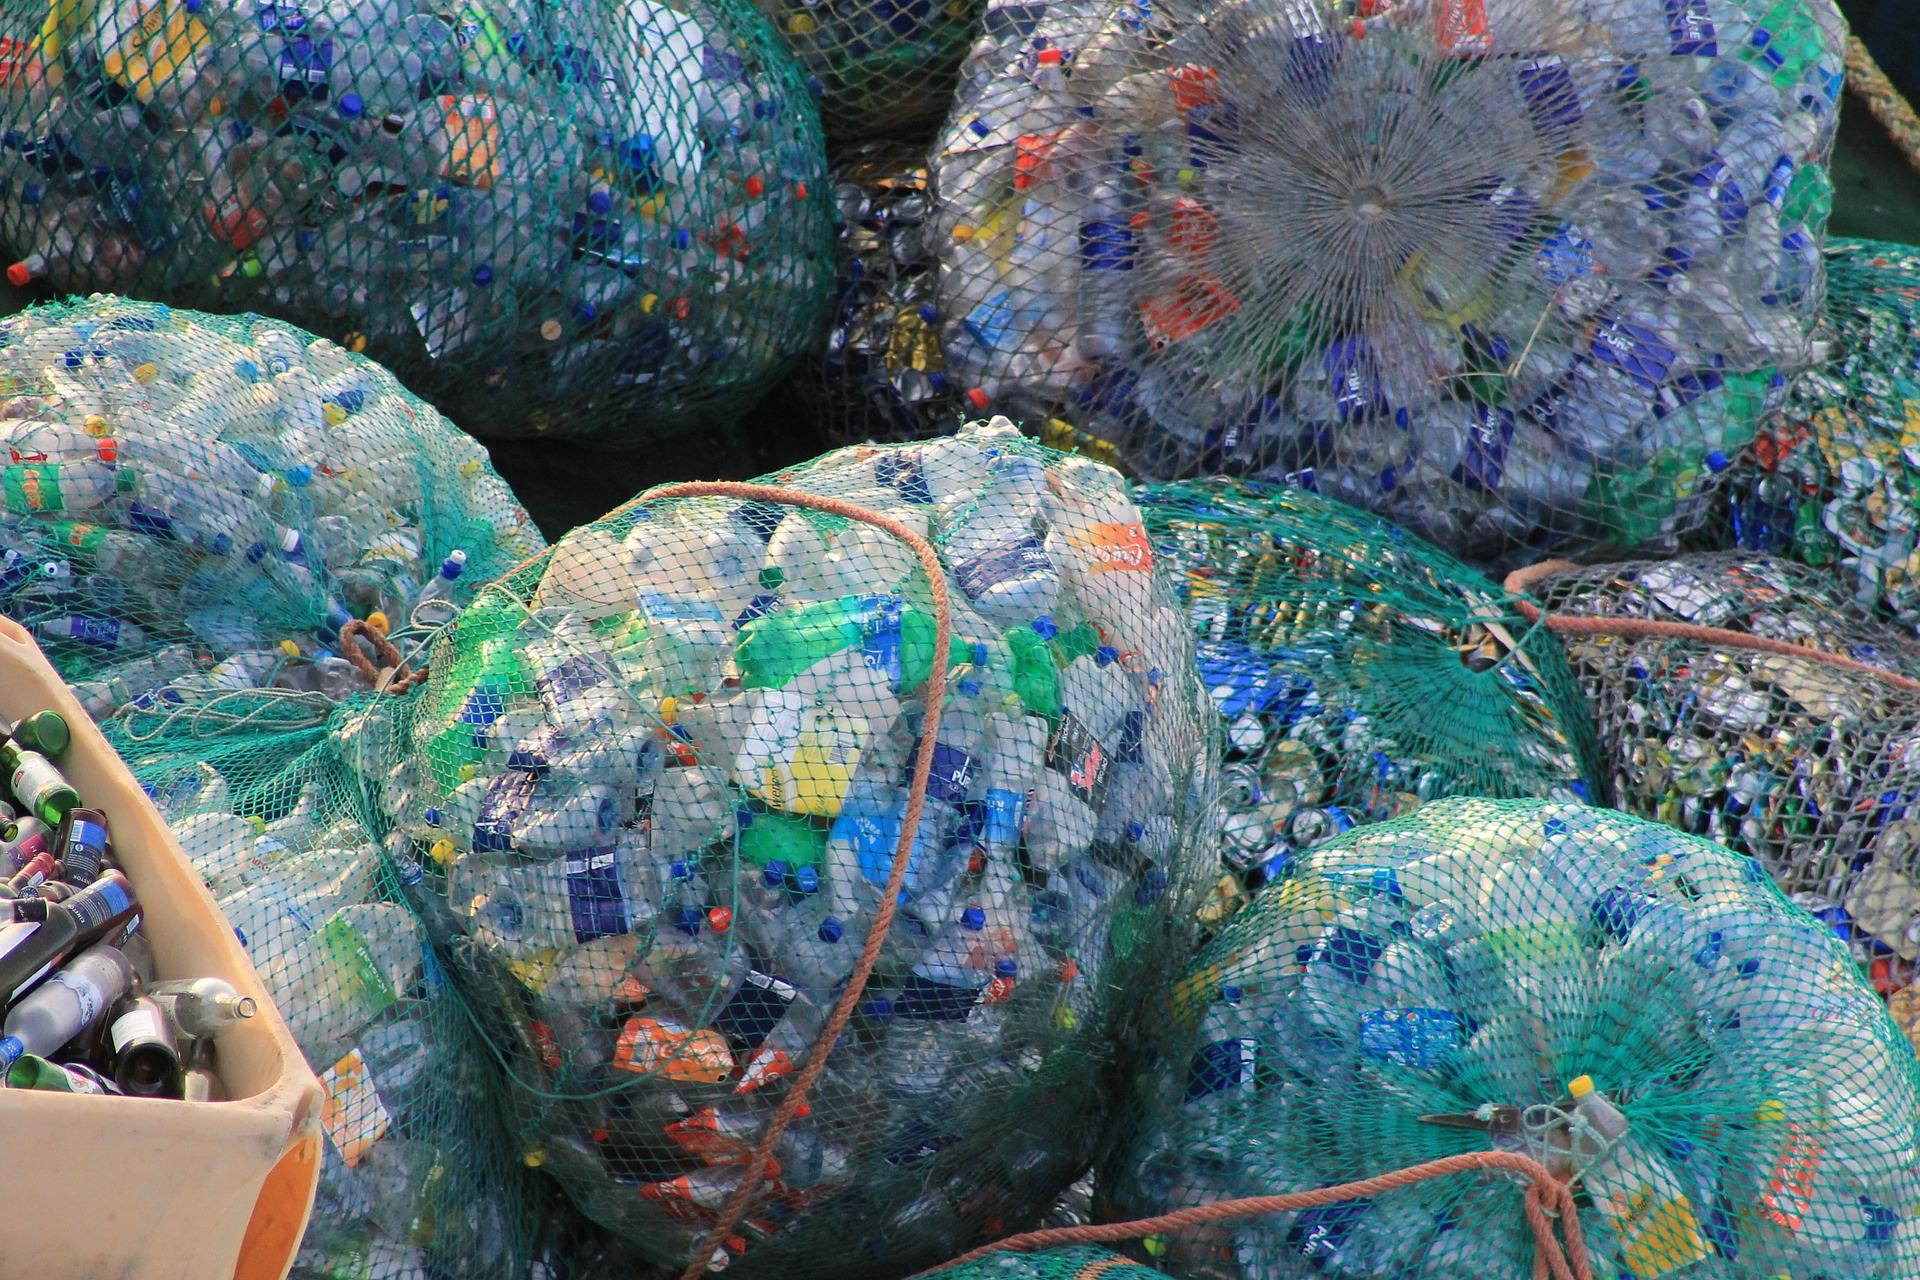 leider wird immernoch viel zu viel Plastikmüll produziert